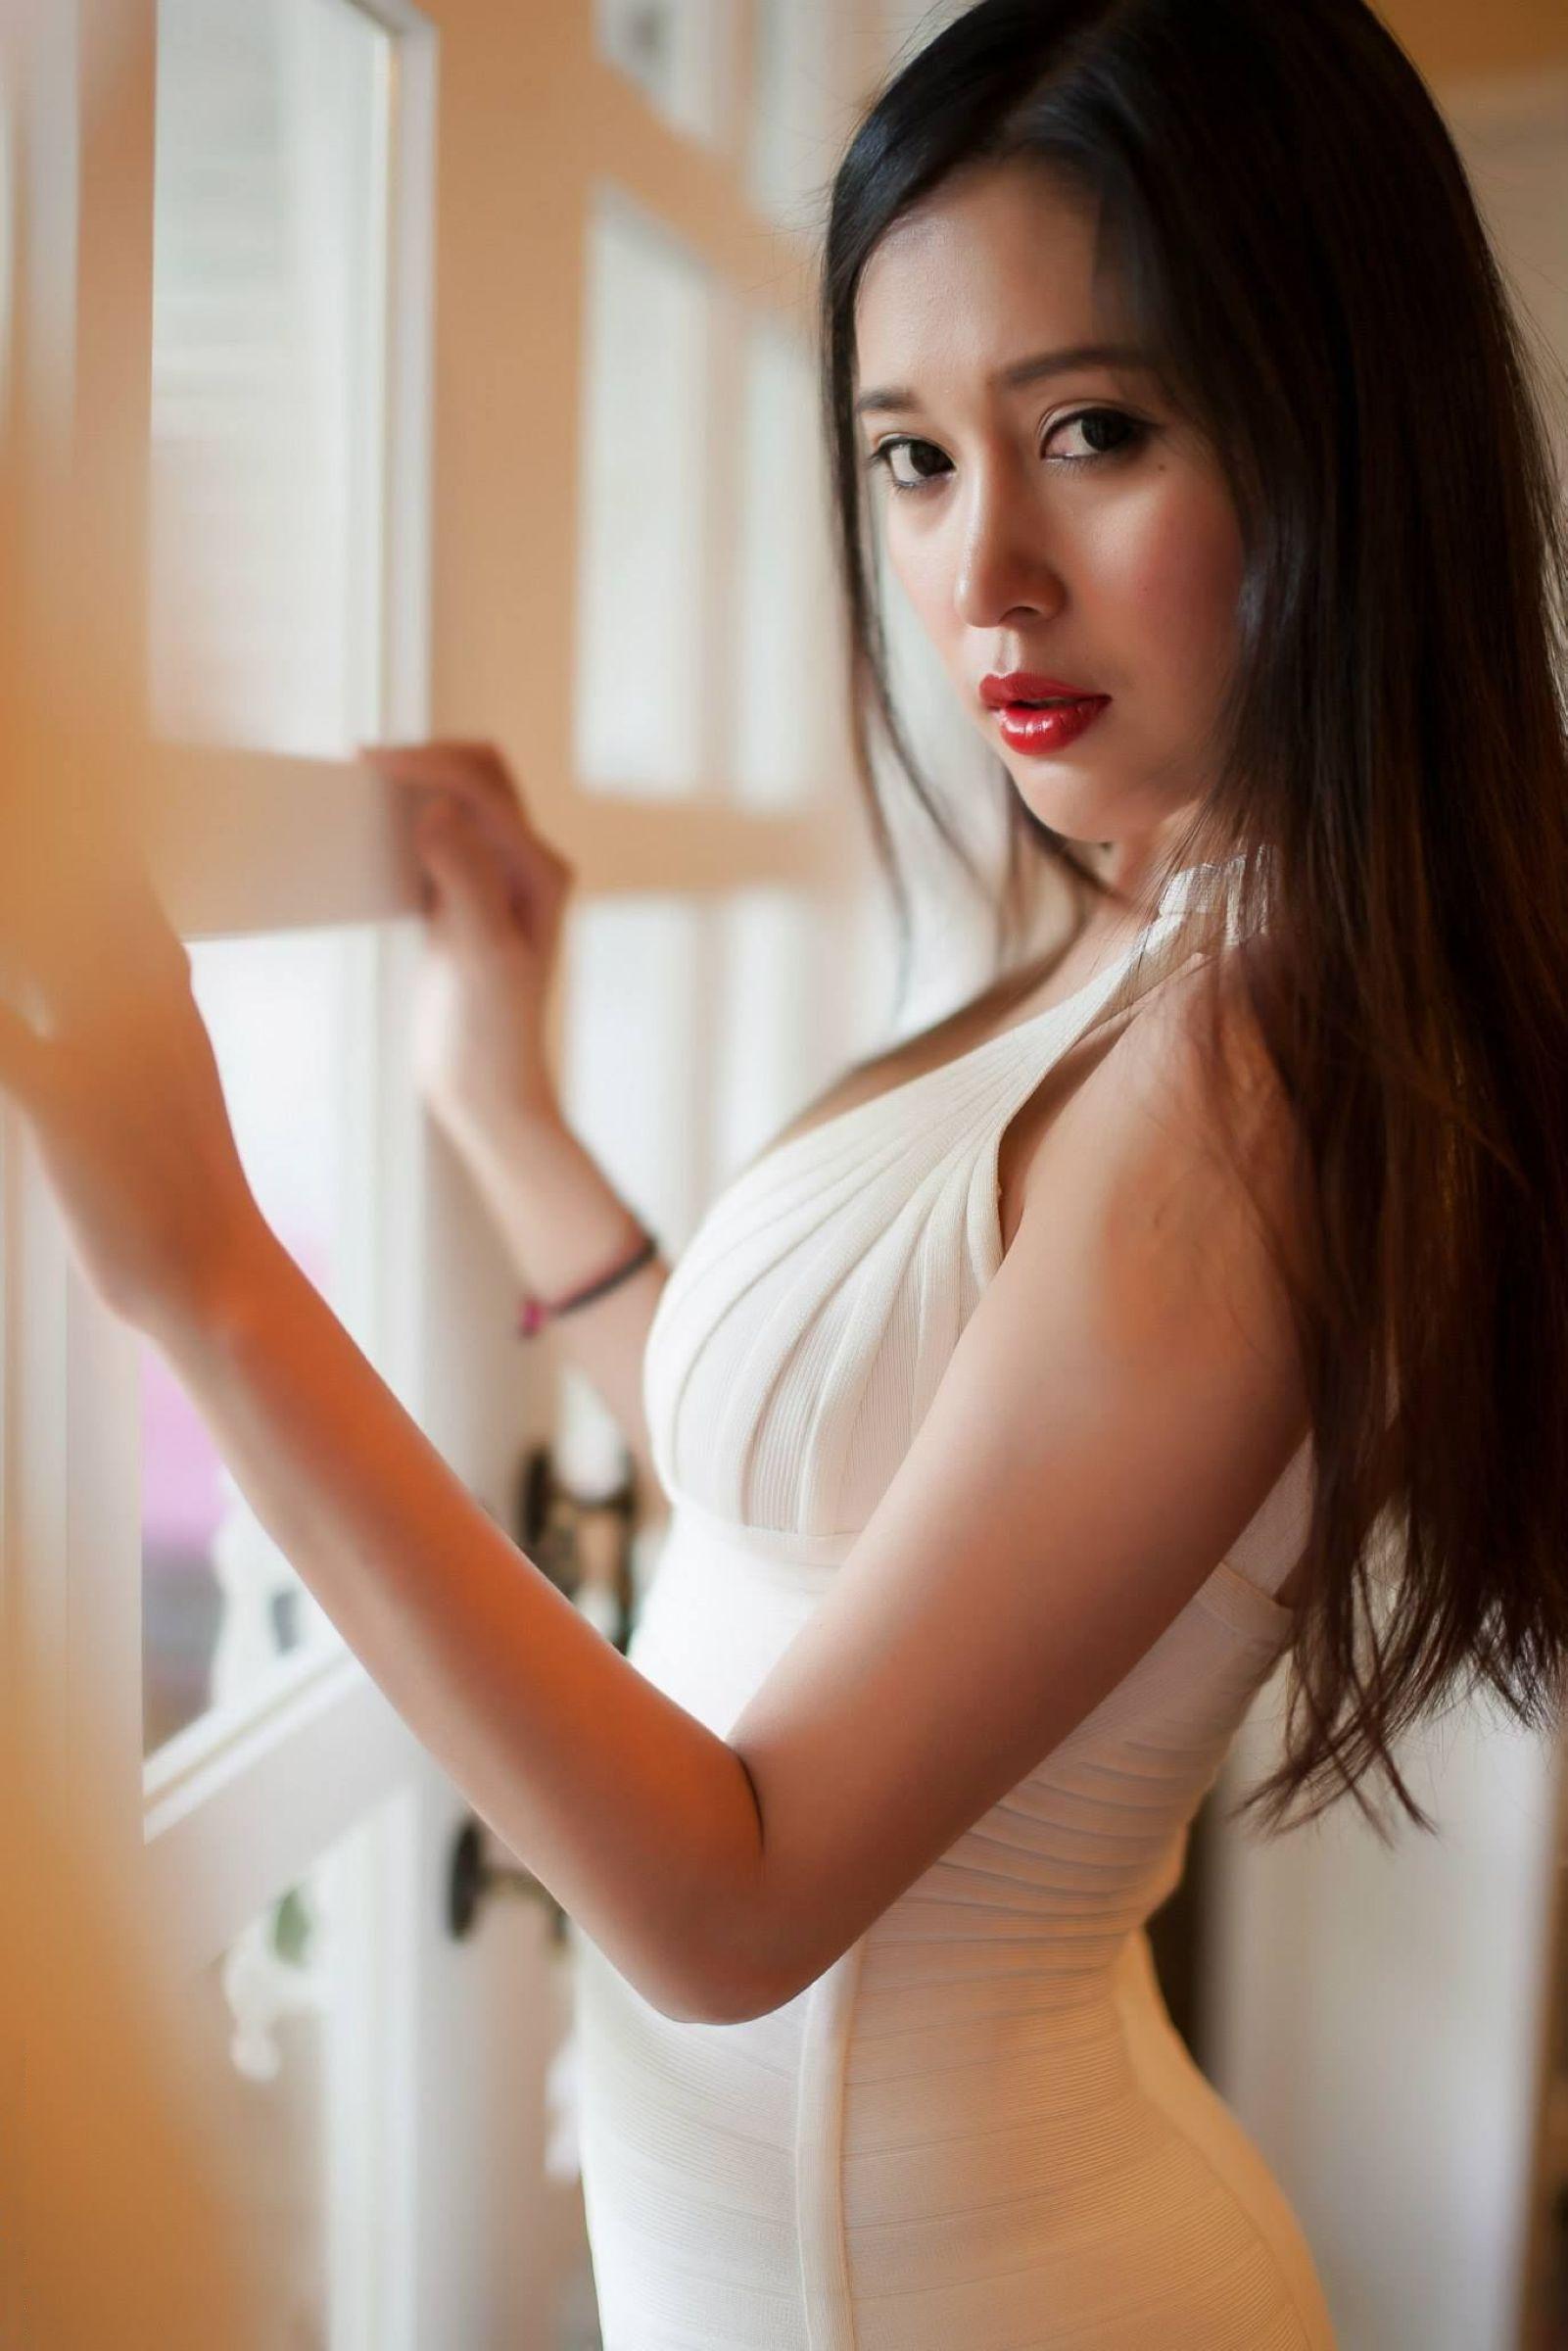 性感女神-杜可薇2 - 花開有聲 - 花開有聲